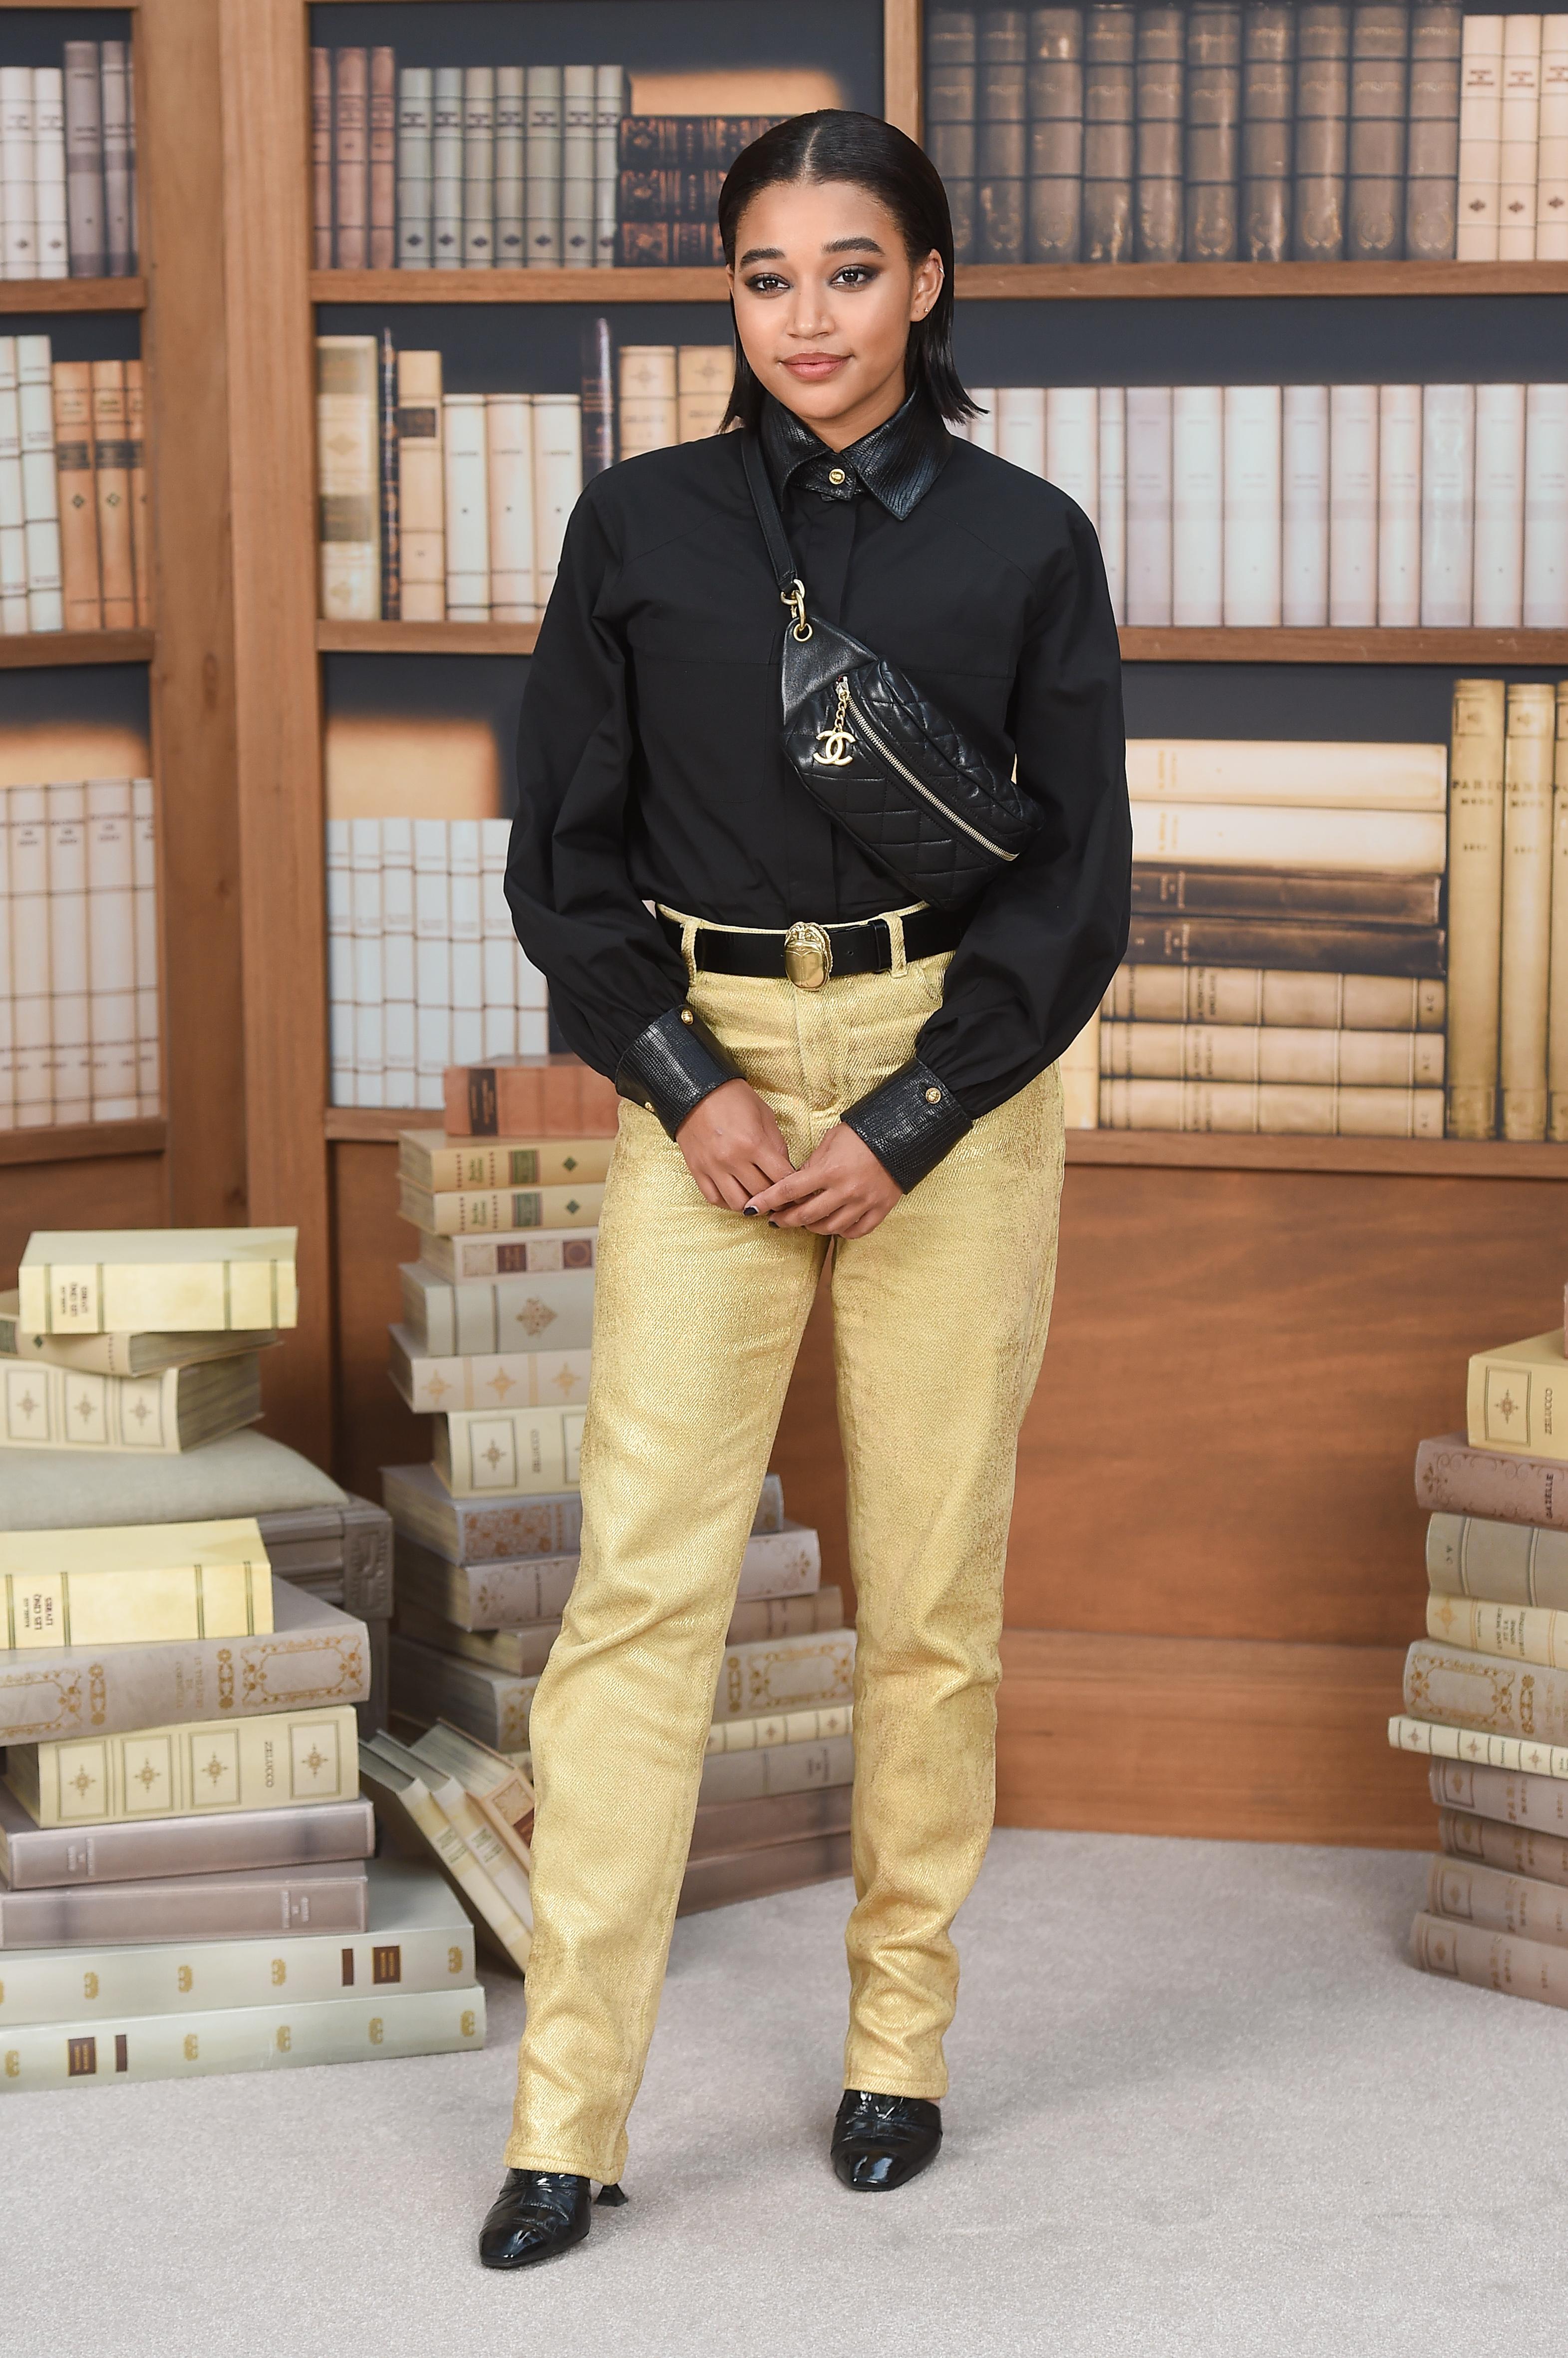 Amandla Stenberg usando camisa preta, pochete preta da Chanel, cinto preto e dourado, calça dourada de alfaiataria e mocassim preto com salto